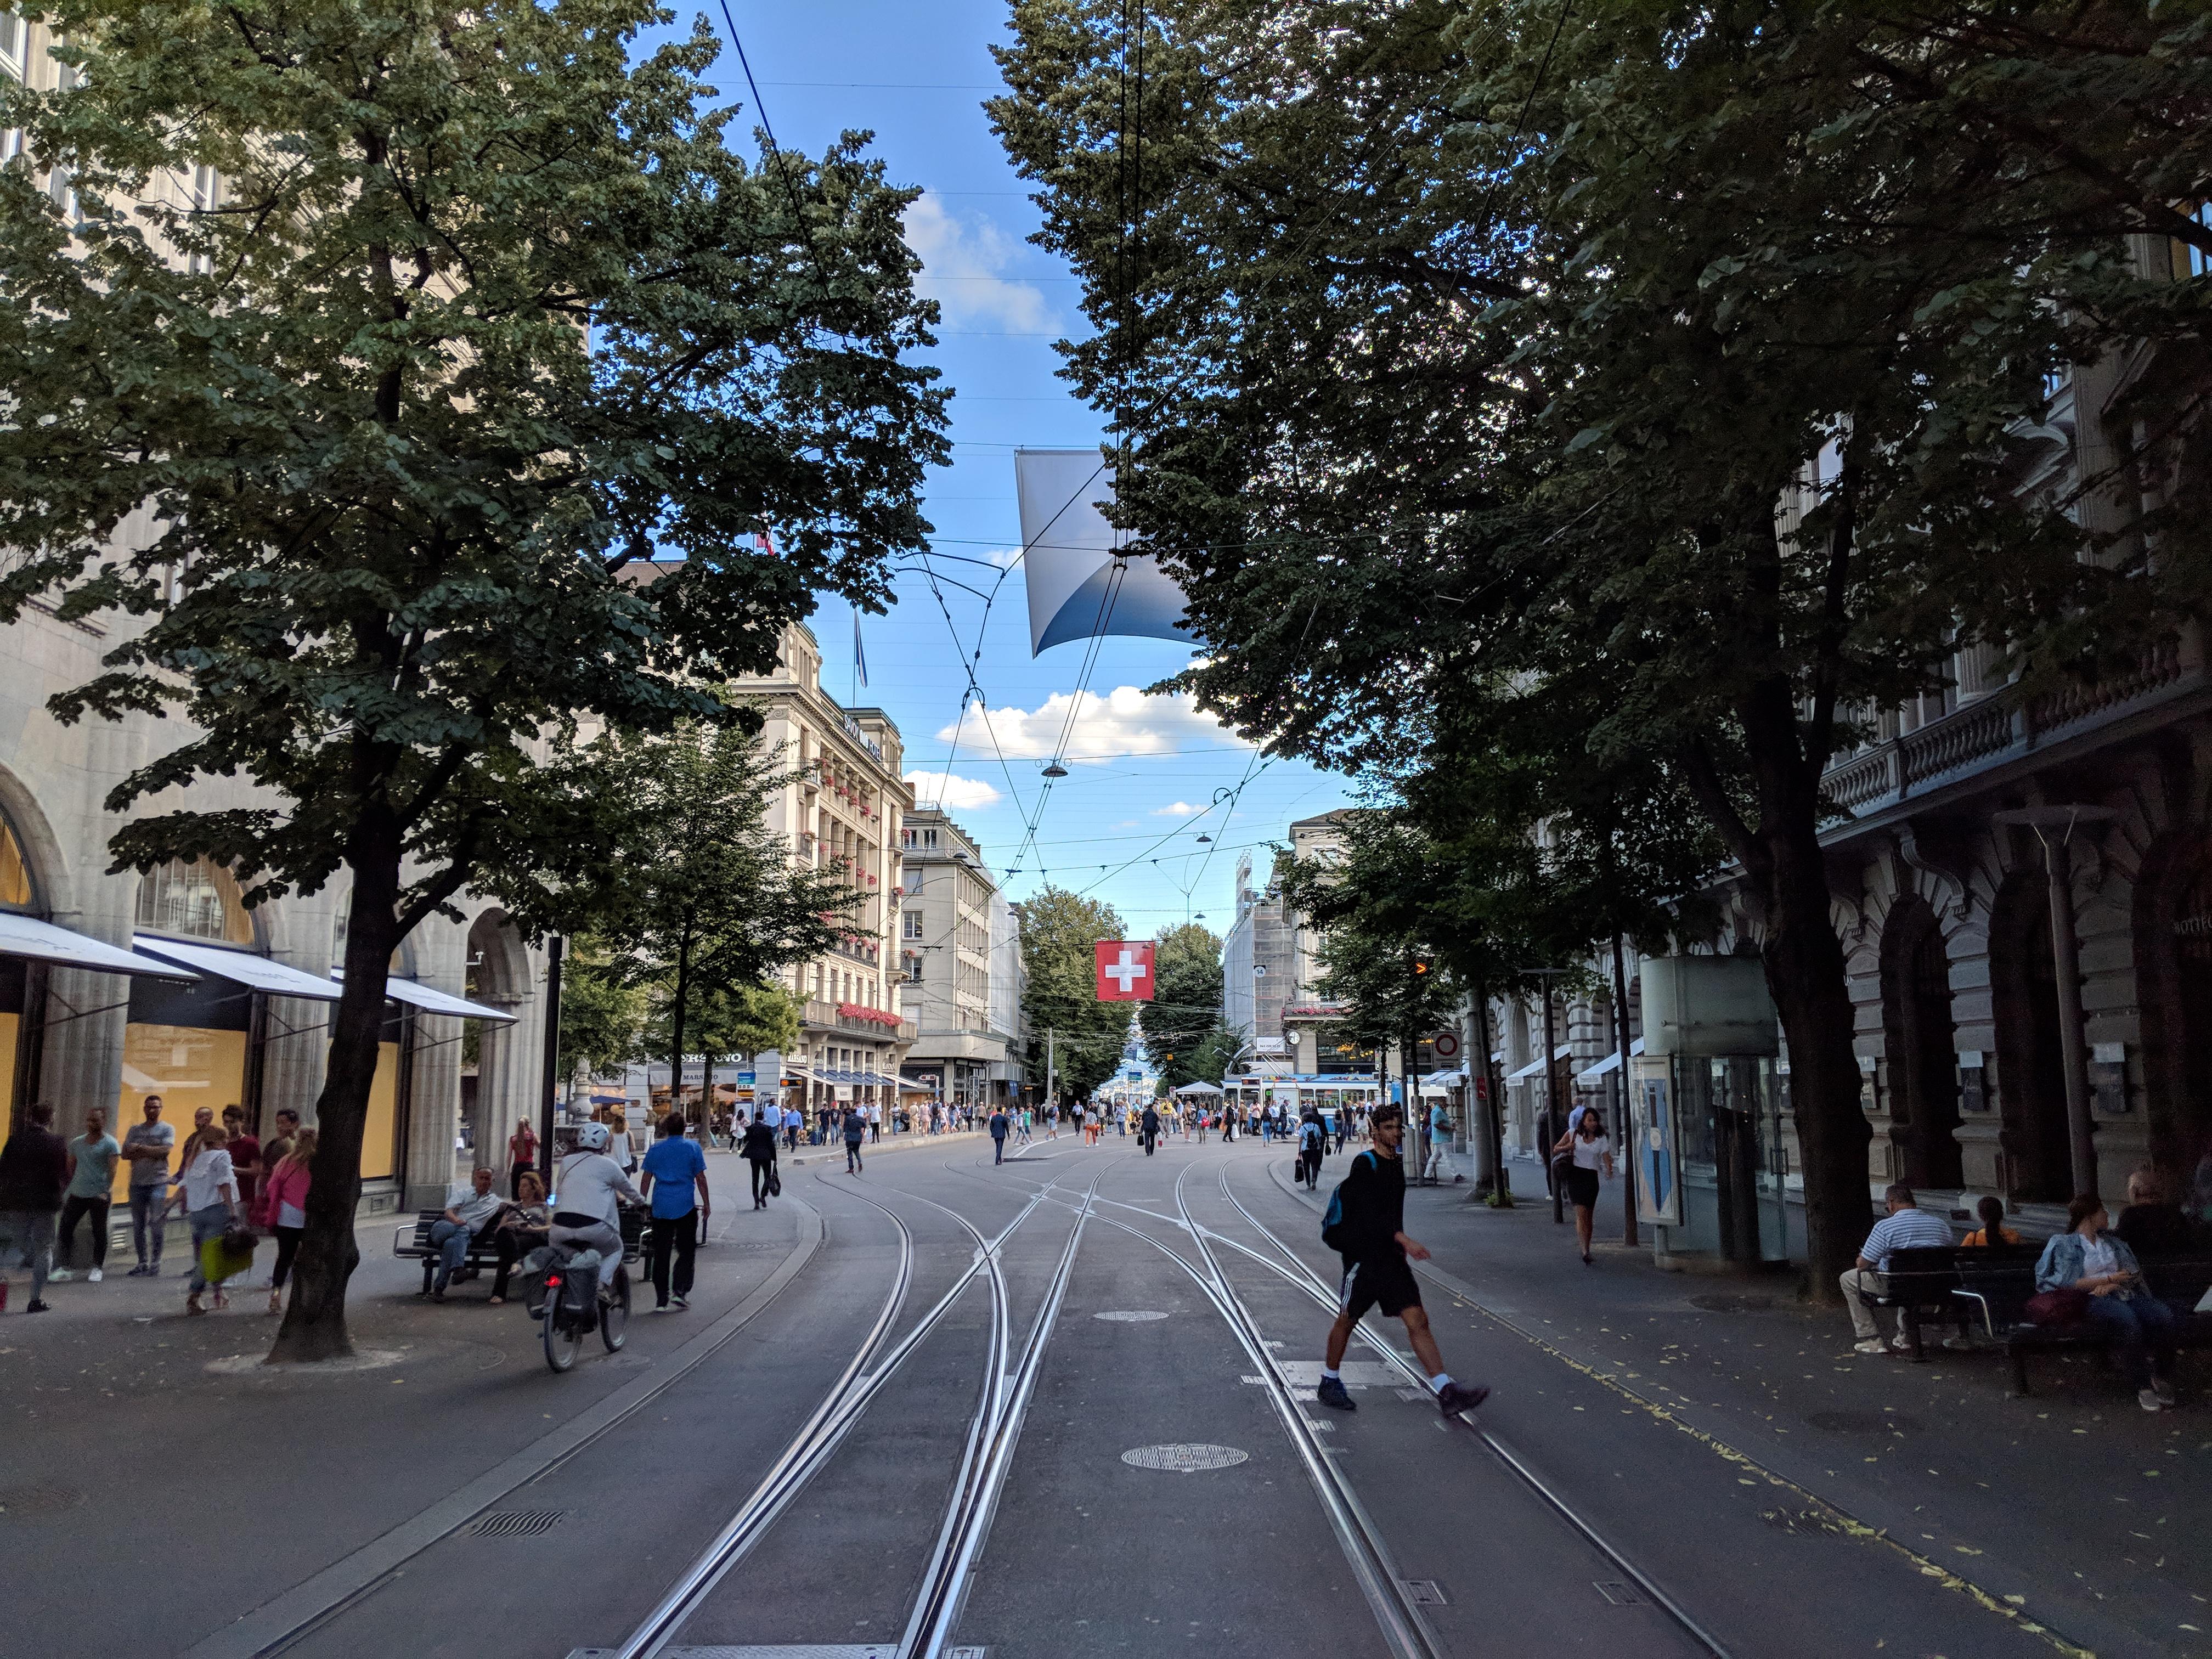 Running route in Zurich - Bahnhofstrasse